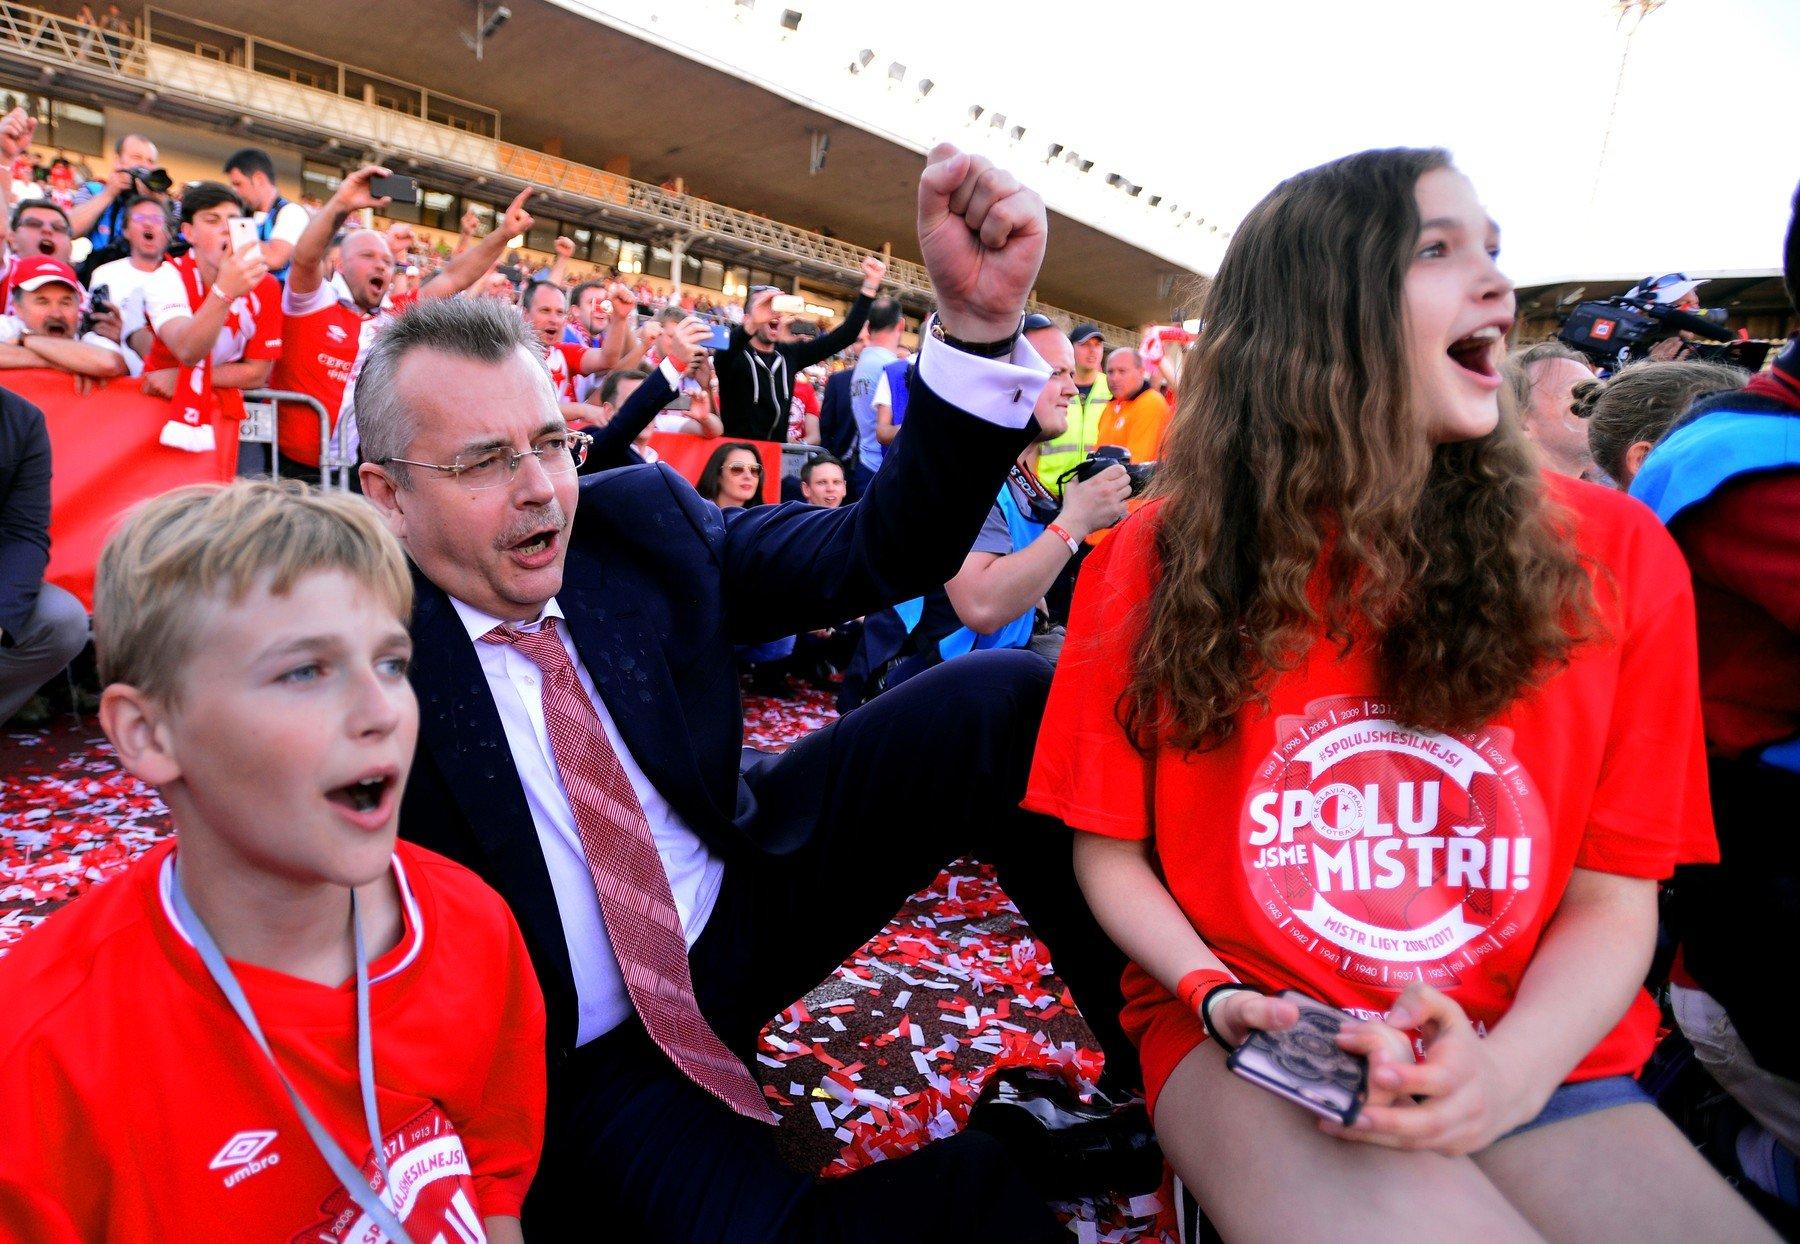 """Tvrdíkovi hrozí, že ho nepustí na stadion. Skandování slávistů """"UEFA Mafia"""" může přivolat extrémní pokuty"""